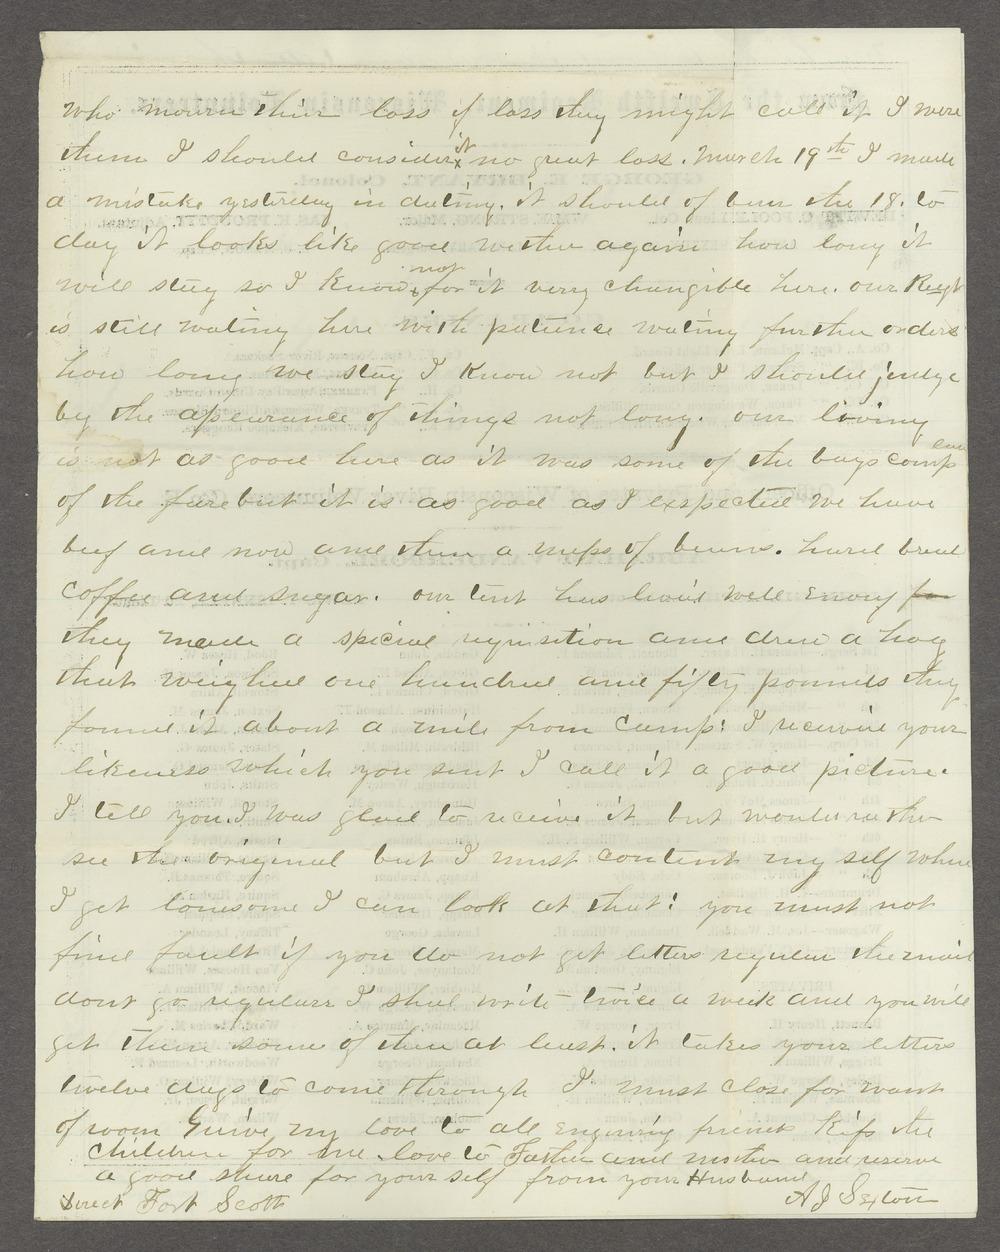 Aiken J. Sexton correspondence - 7